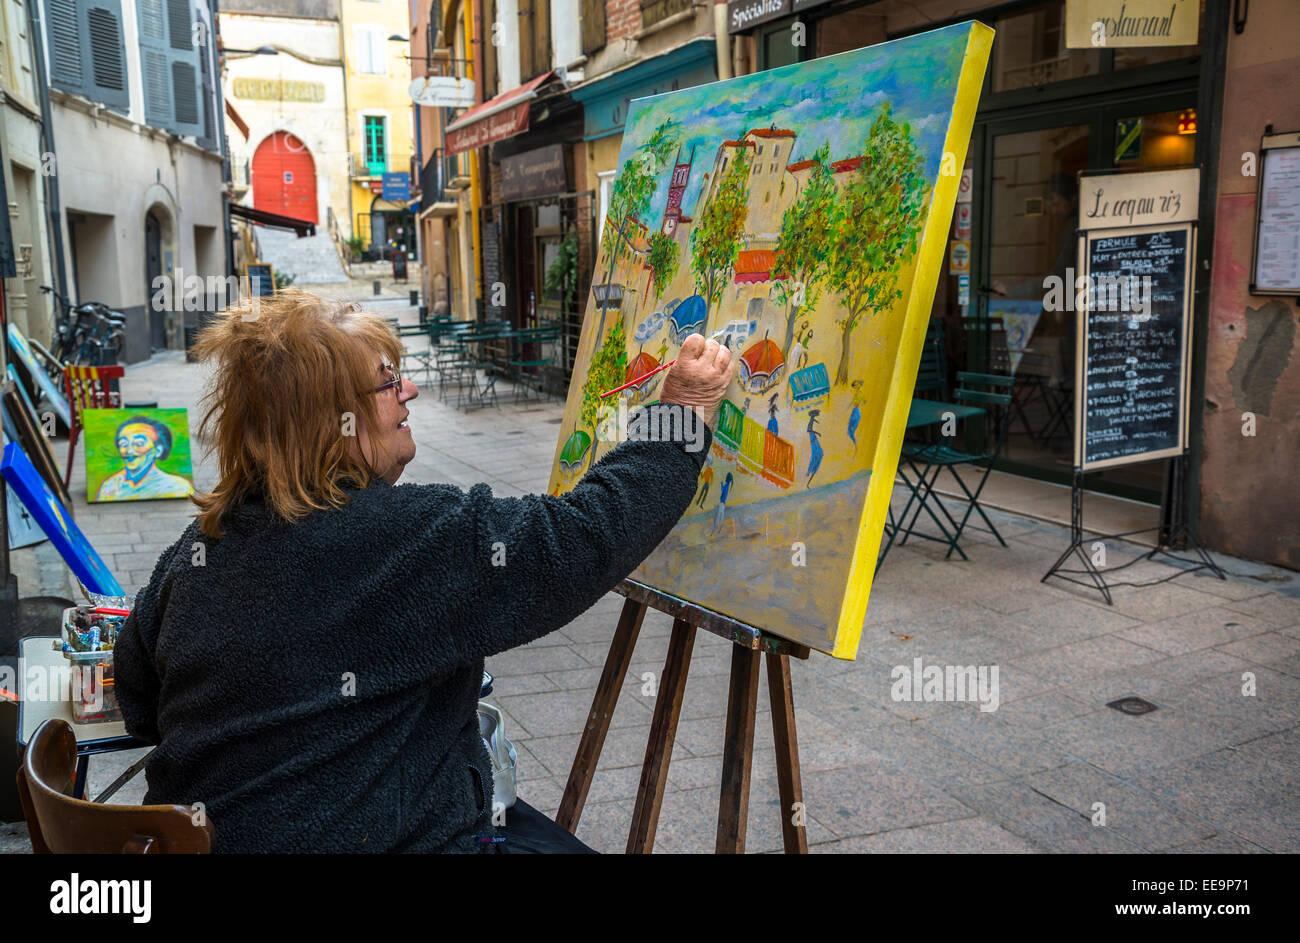 Peinture femme dans la rue, Perpignan, Pyrénées-Orientales, France Photo Stock